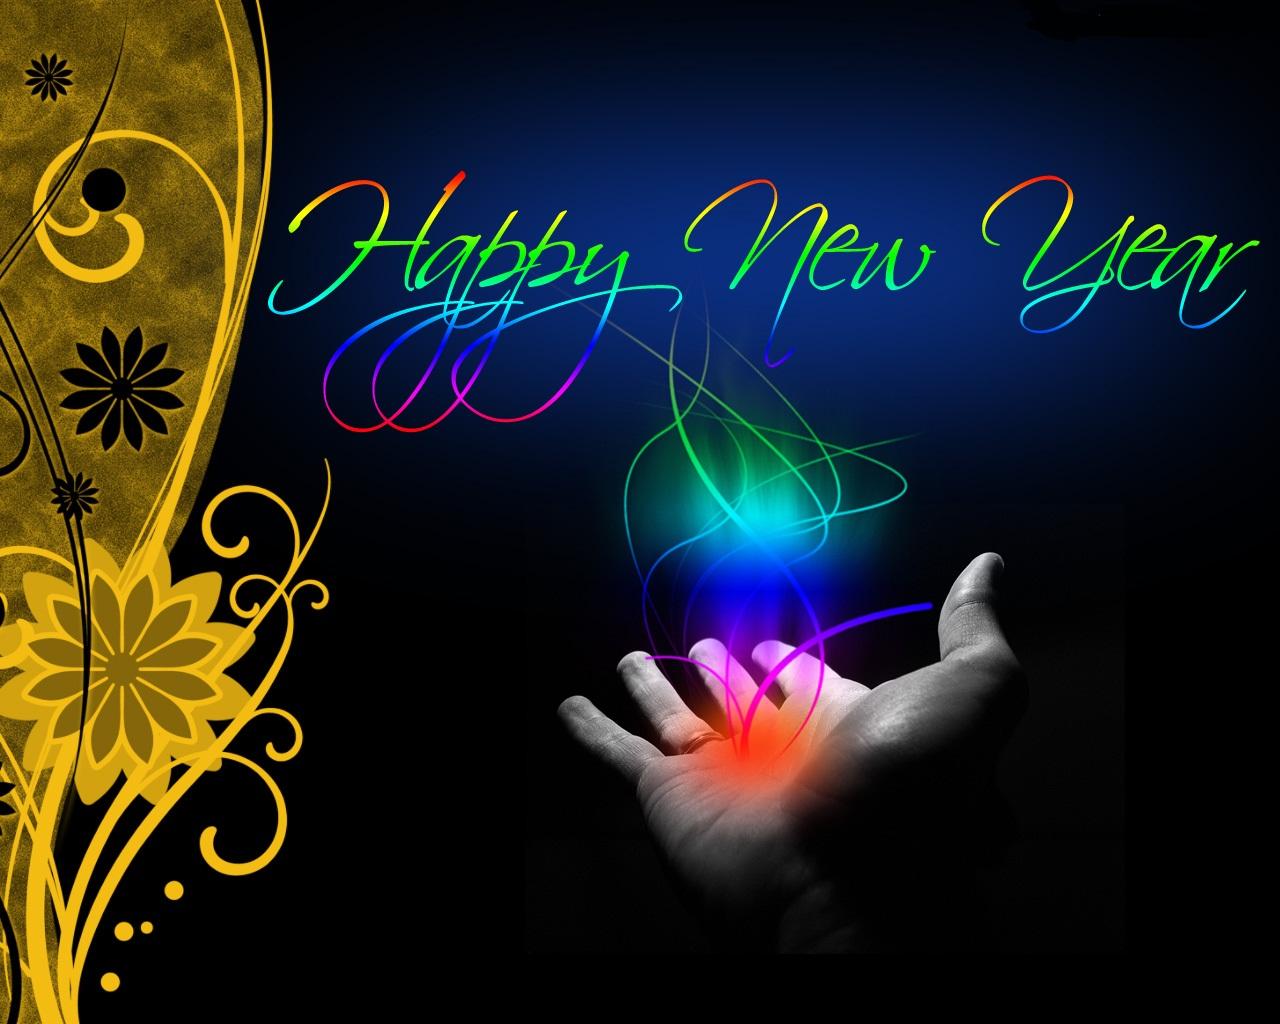 http://4.bp.blogspot.com/-BOM85VkufhY/UOHEGoBSCAI/AAAAAAAAAlA/KcQiDknvrwc/s1600/happy-new-year-2013.jpg